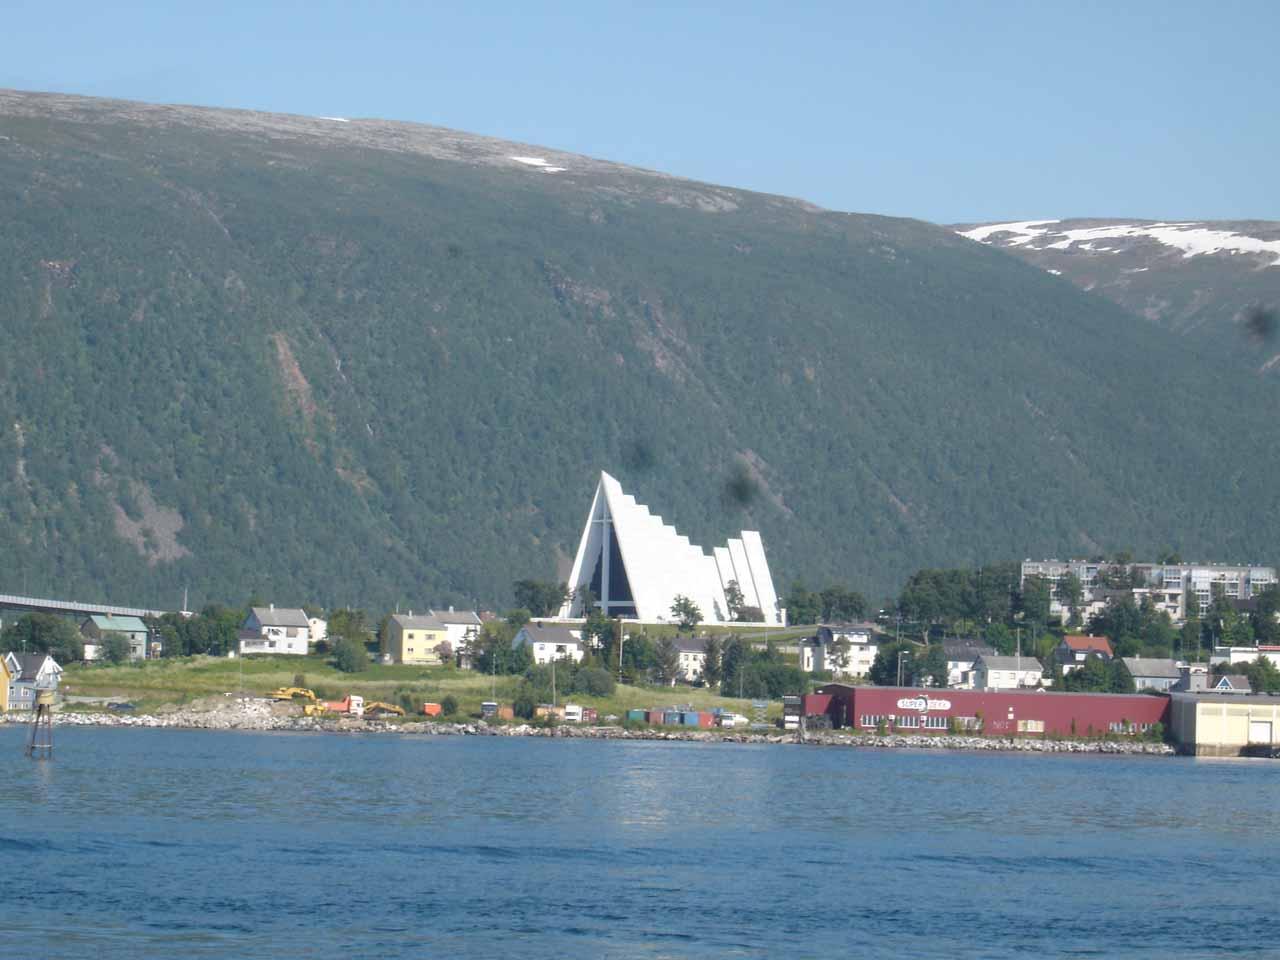 The waterfalls of Kåfjorden were amongst the last waterfalls that we saw before ending our 2005 Norway trip in Tromsø